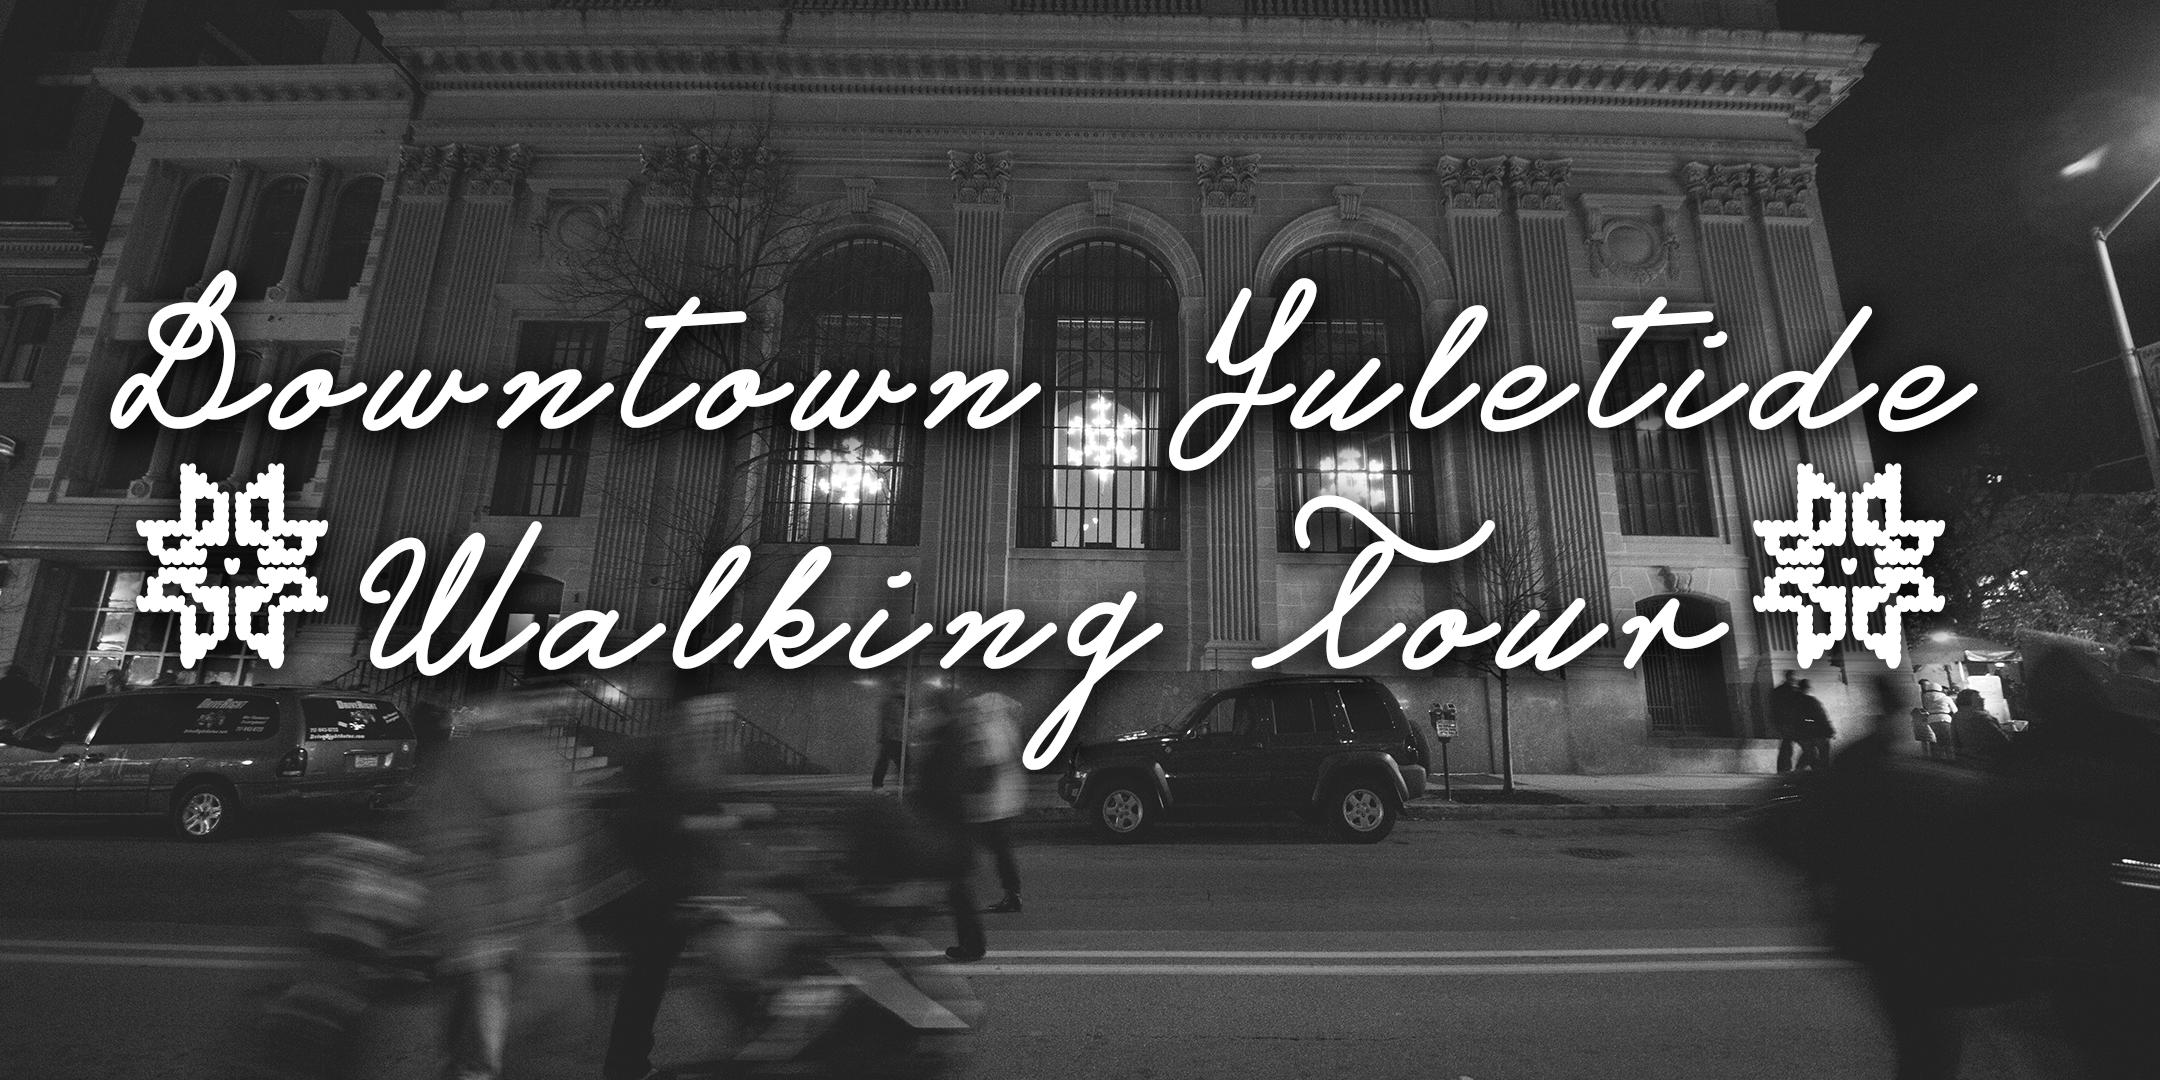 Downtown York Yuletide Walking Tour